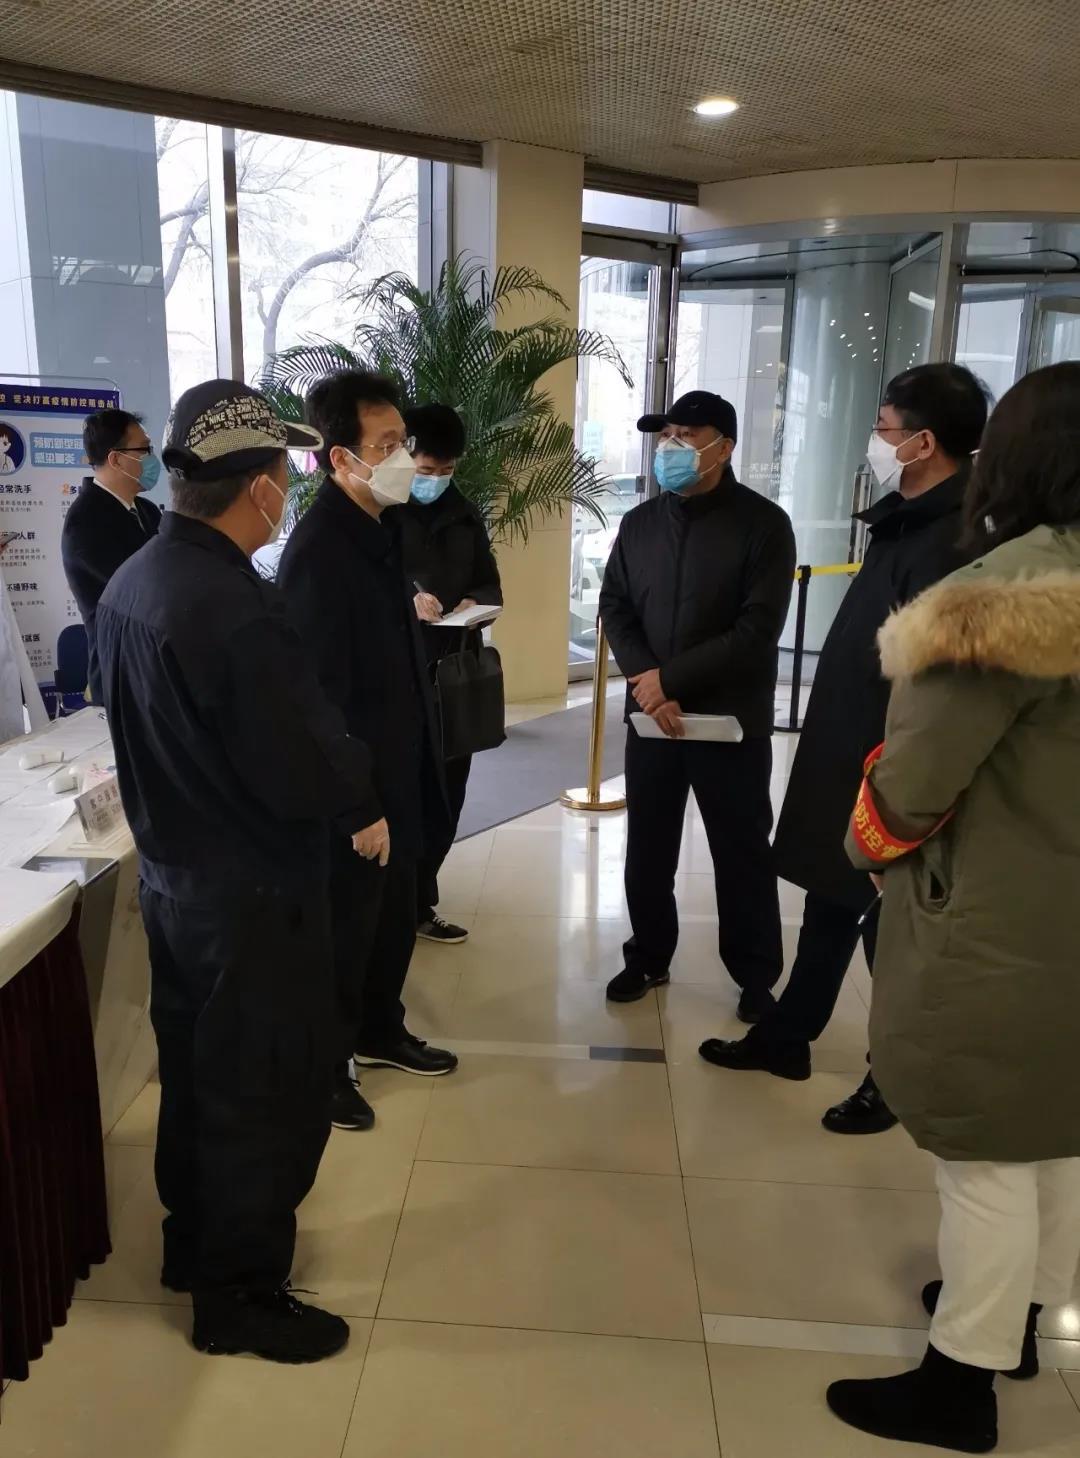 邓修明检查指导和平区统筹推进疫情防控和经济社会发展工作